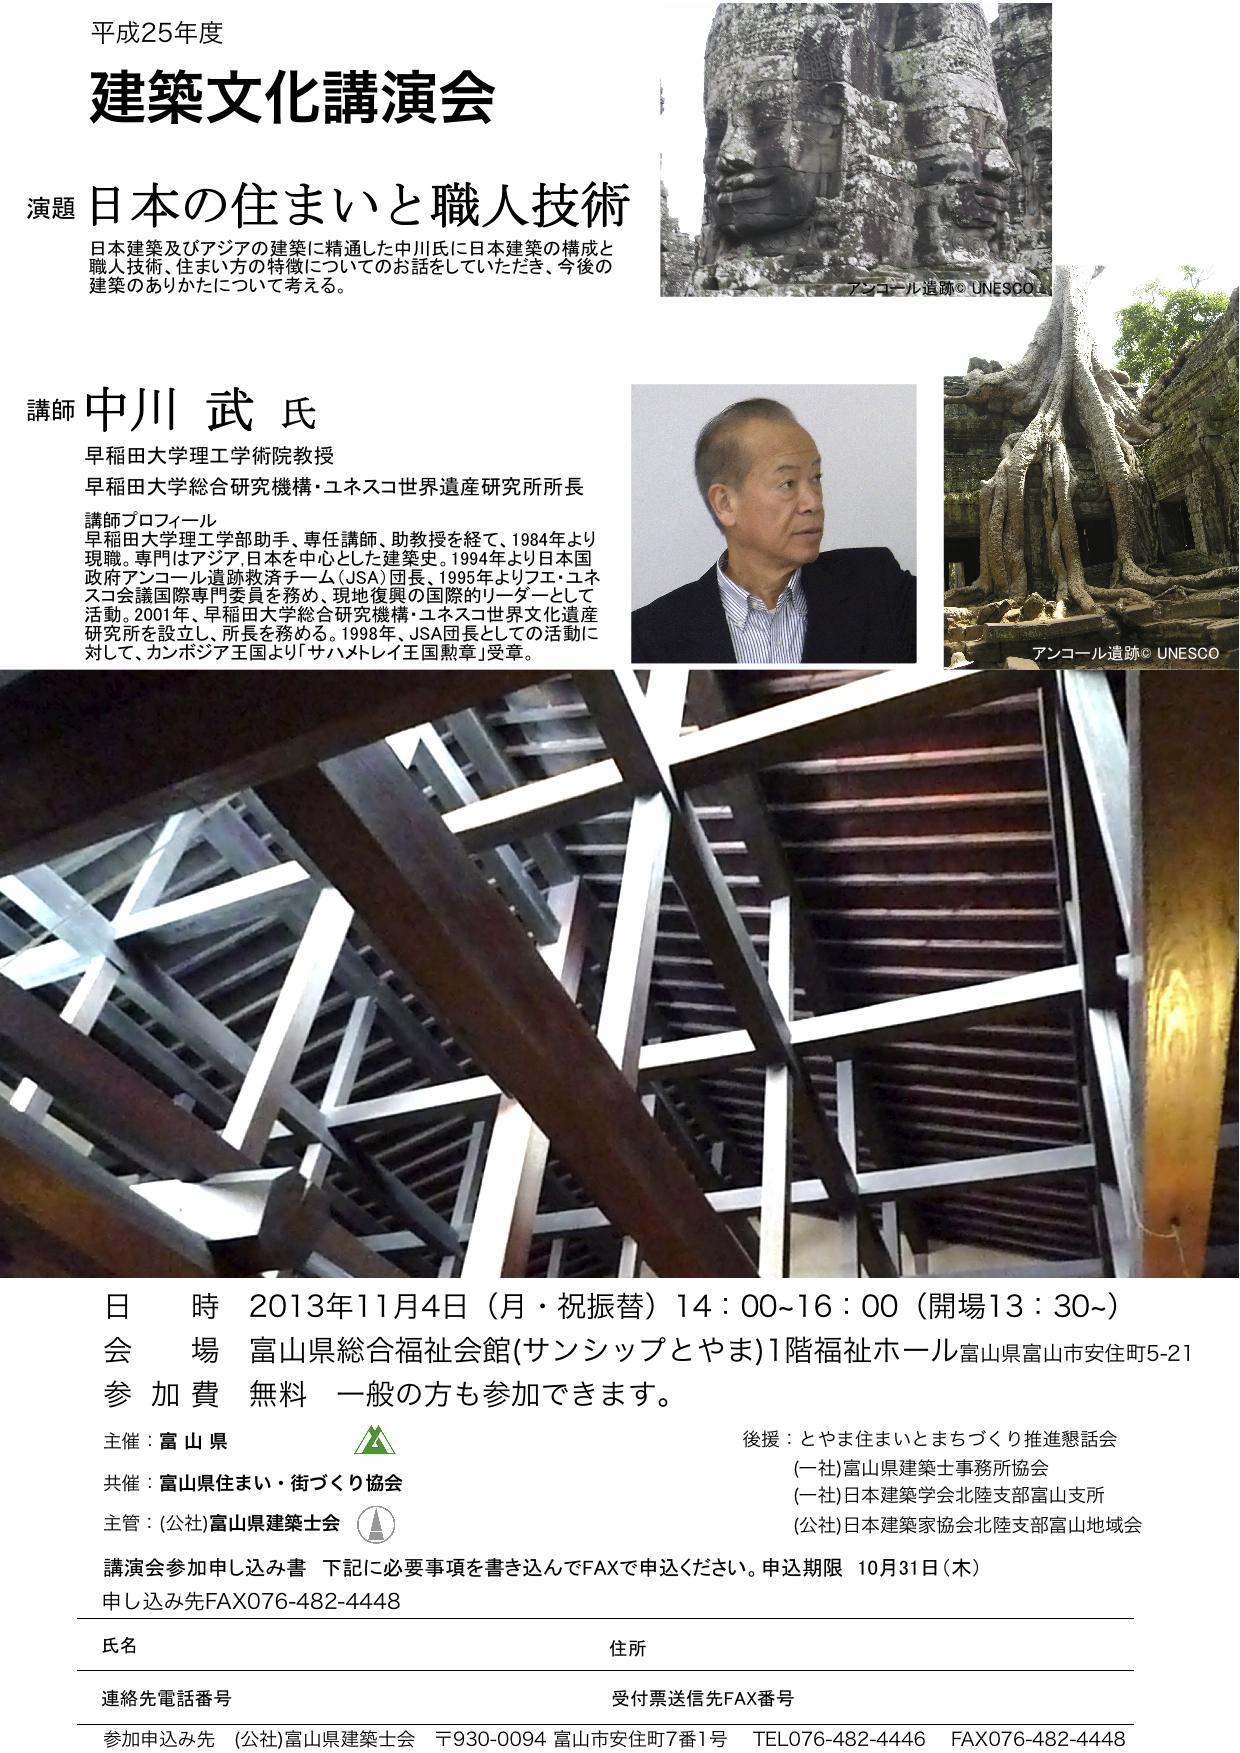 建築文化講演会_e0030180_19171919.jpg